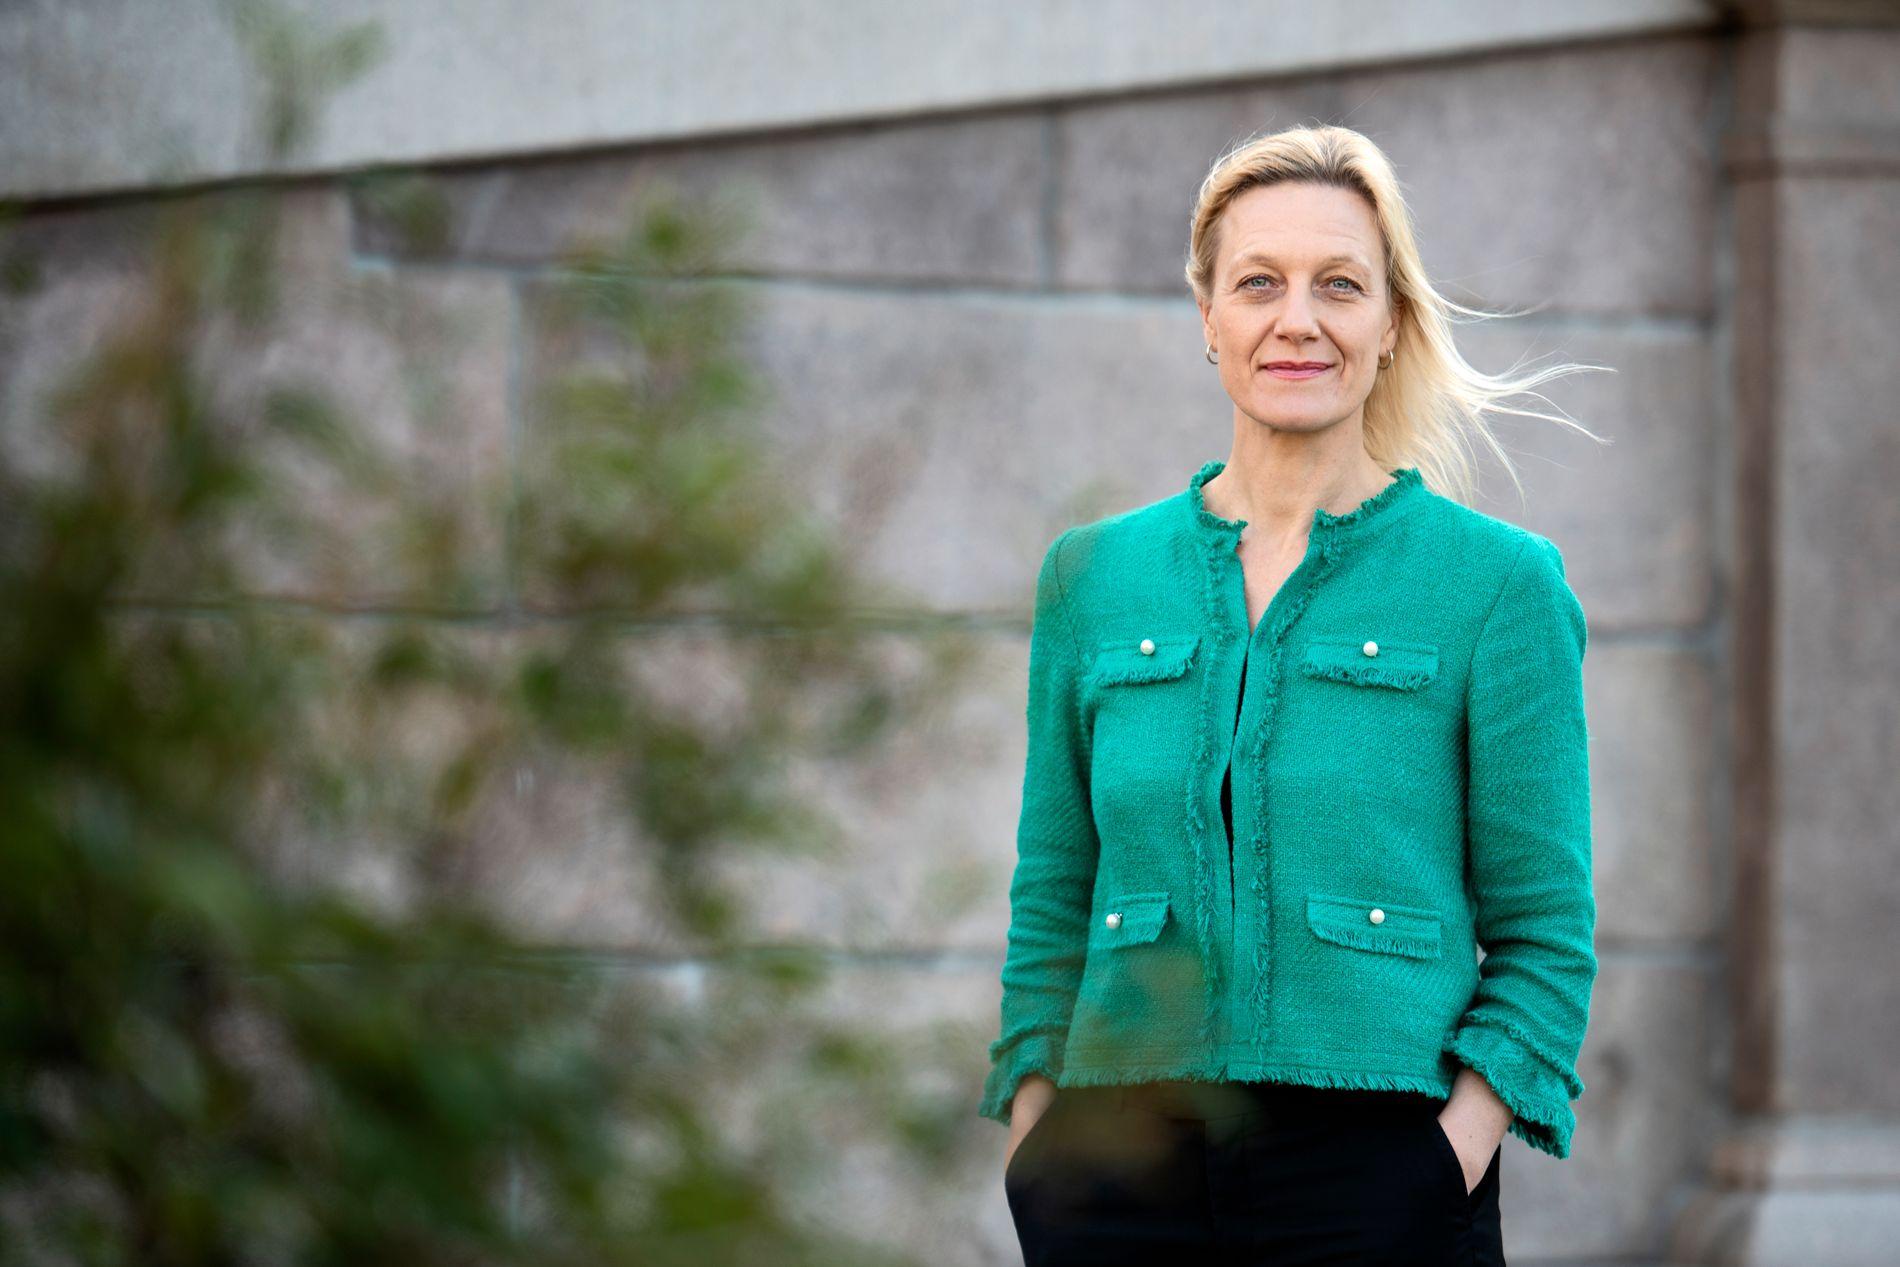 FRYKTER: Kjersti Oppen, som er direktør i bransjeorganisasjonen Virke Trening, mener at skatteendringer kan føre